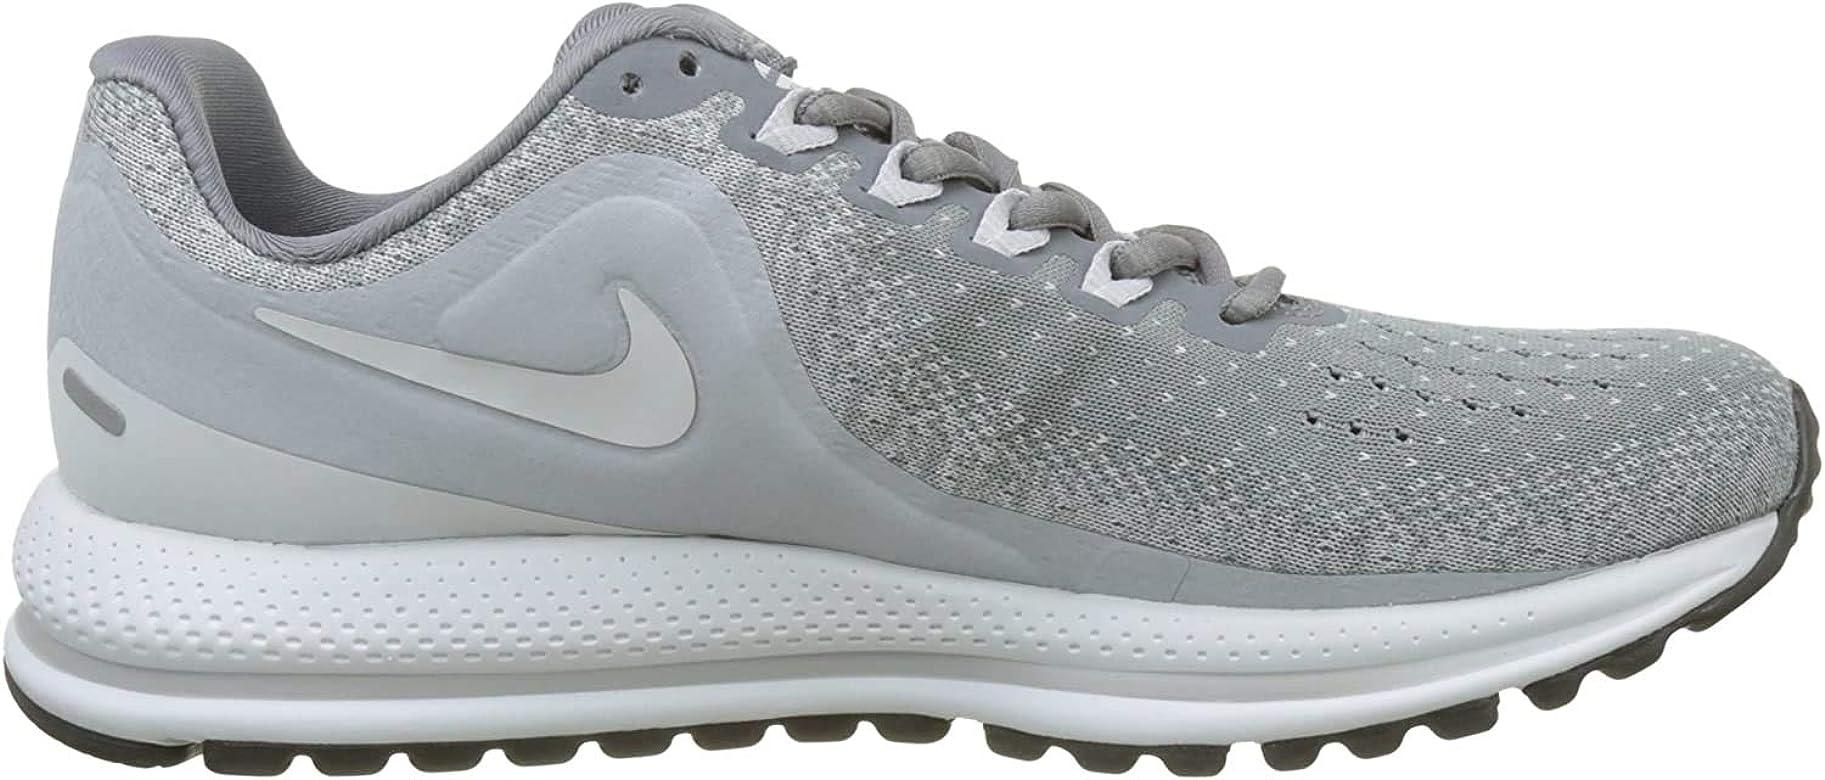 Nike Air Zoom Vomero 13, Zapatillas para Hombre, Multicolor (Cool Grey/Pure Platinum/Wolf Grey/White 003), 49.5 EU: Amazon.es: Zapatos y complementos